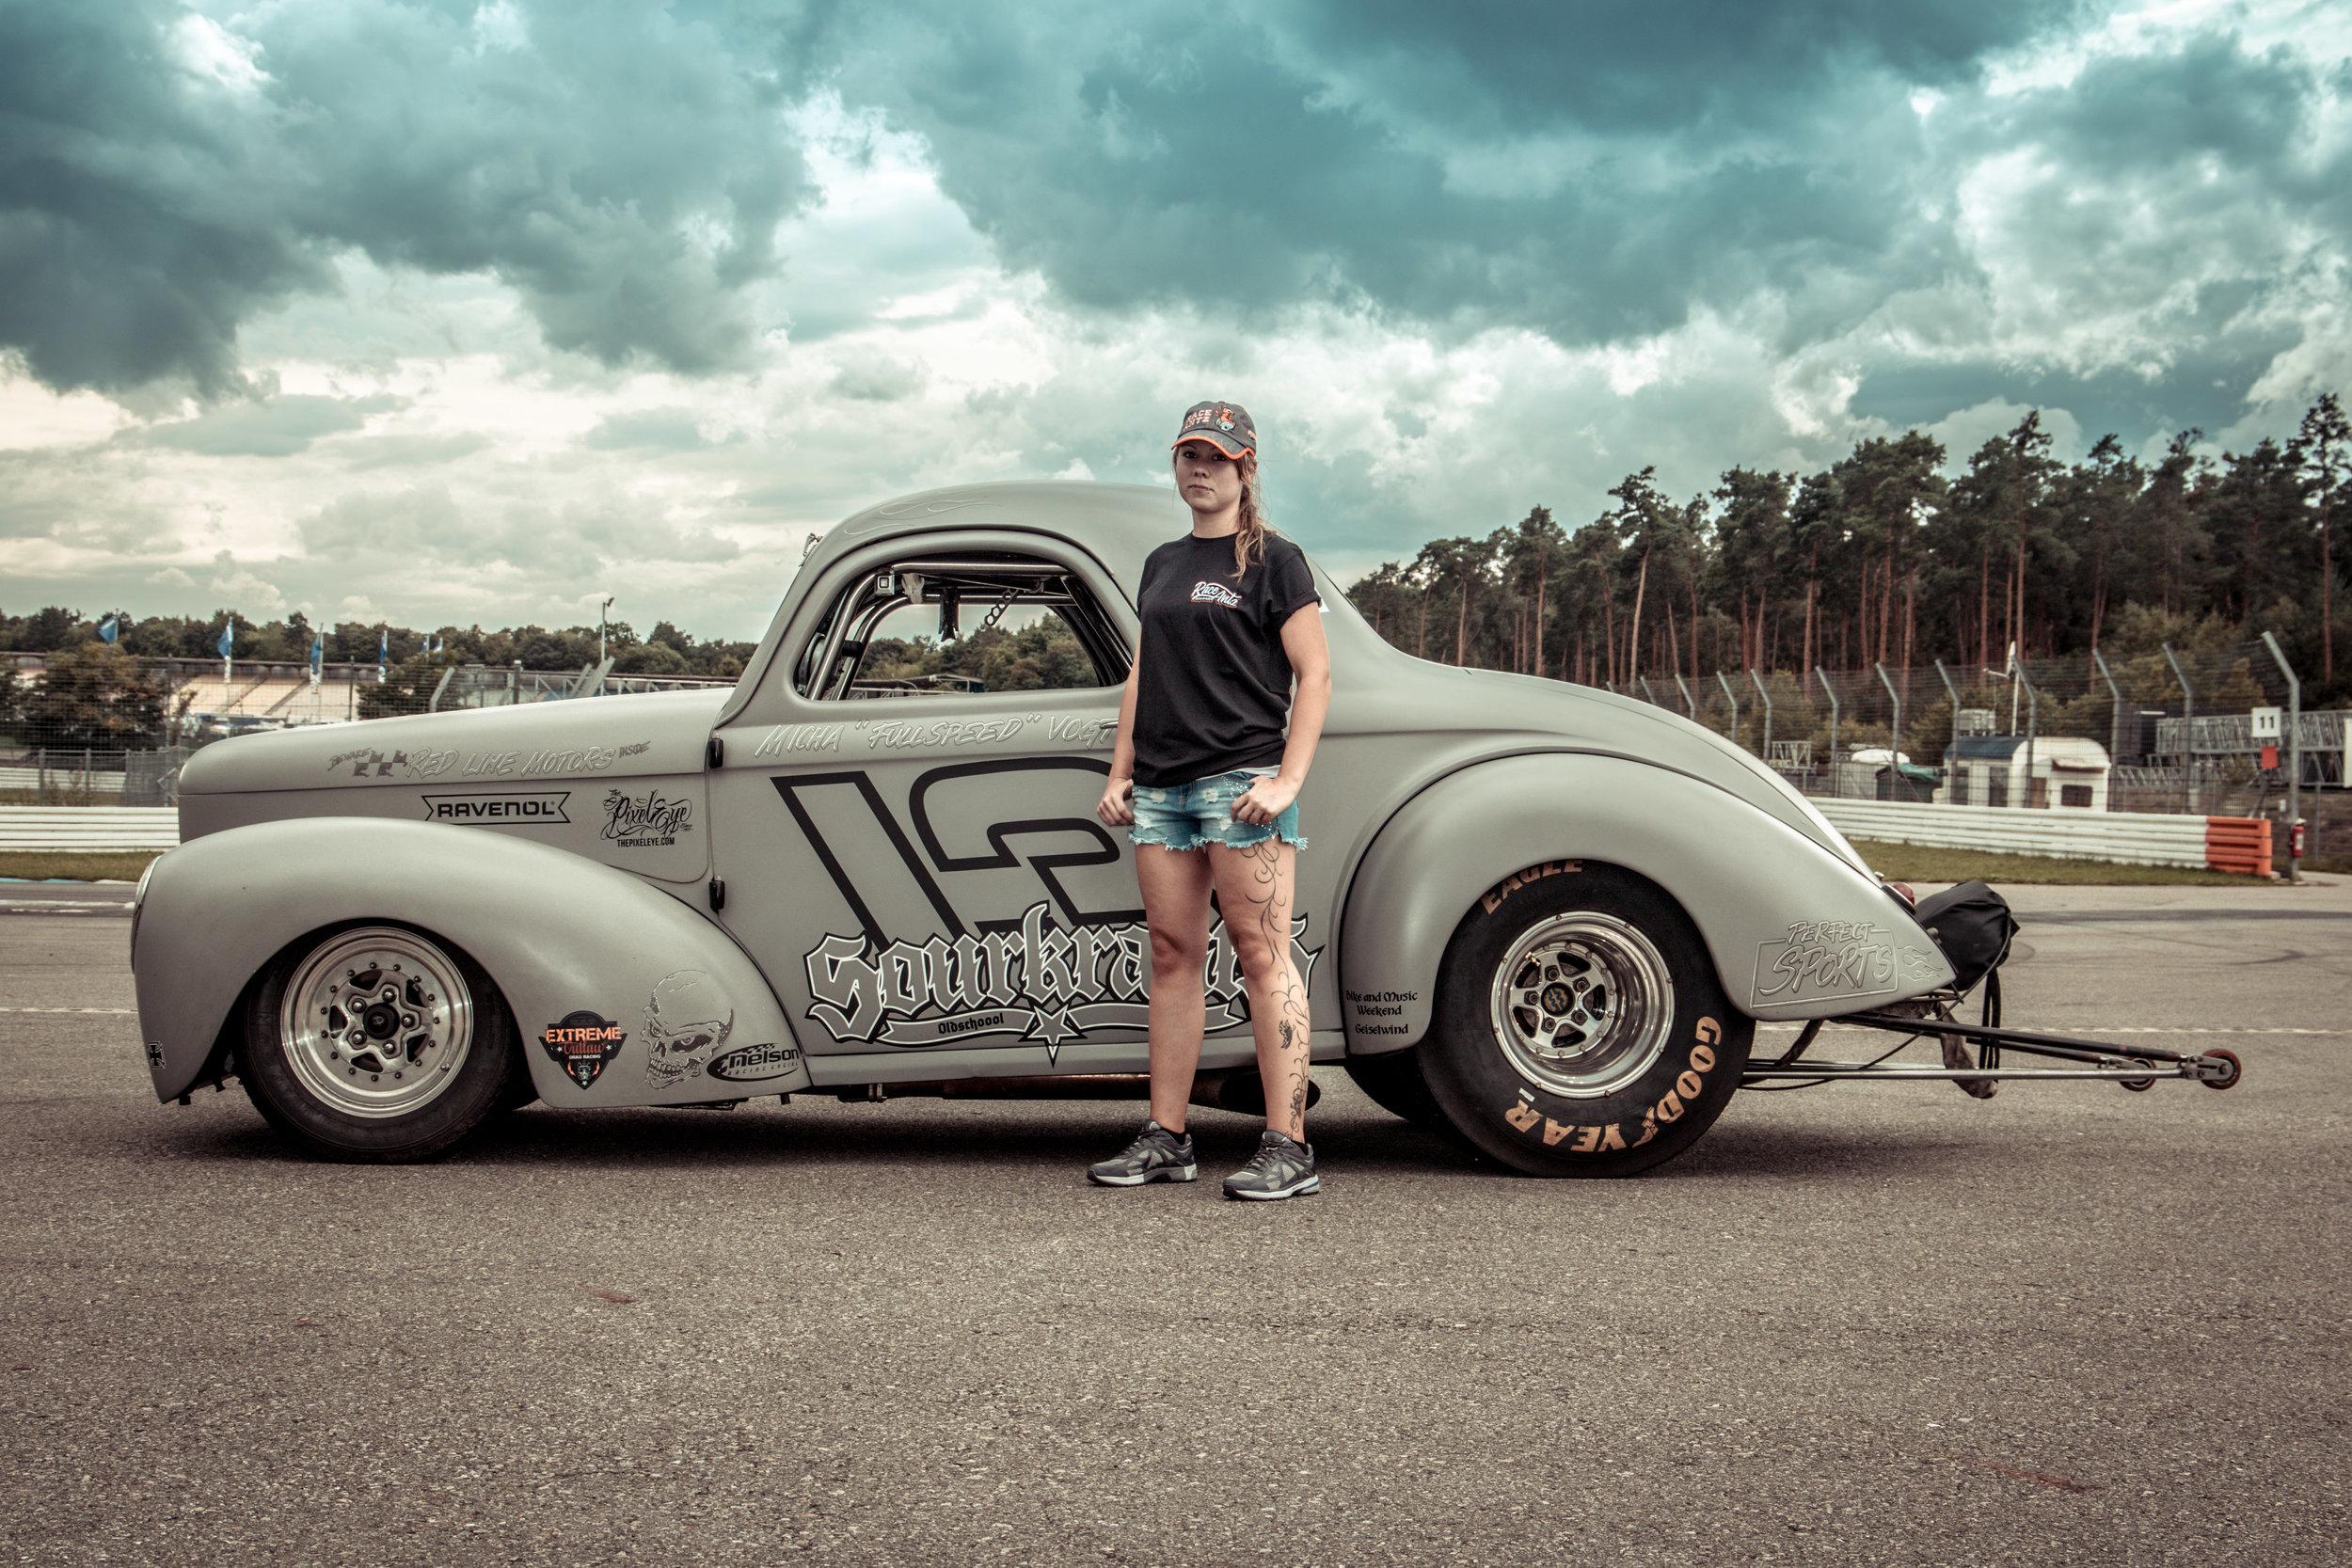 Race Antz Willys 2017 by Dirk Behlau-8728.jpg